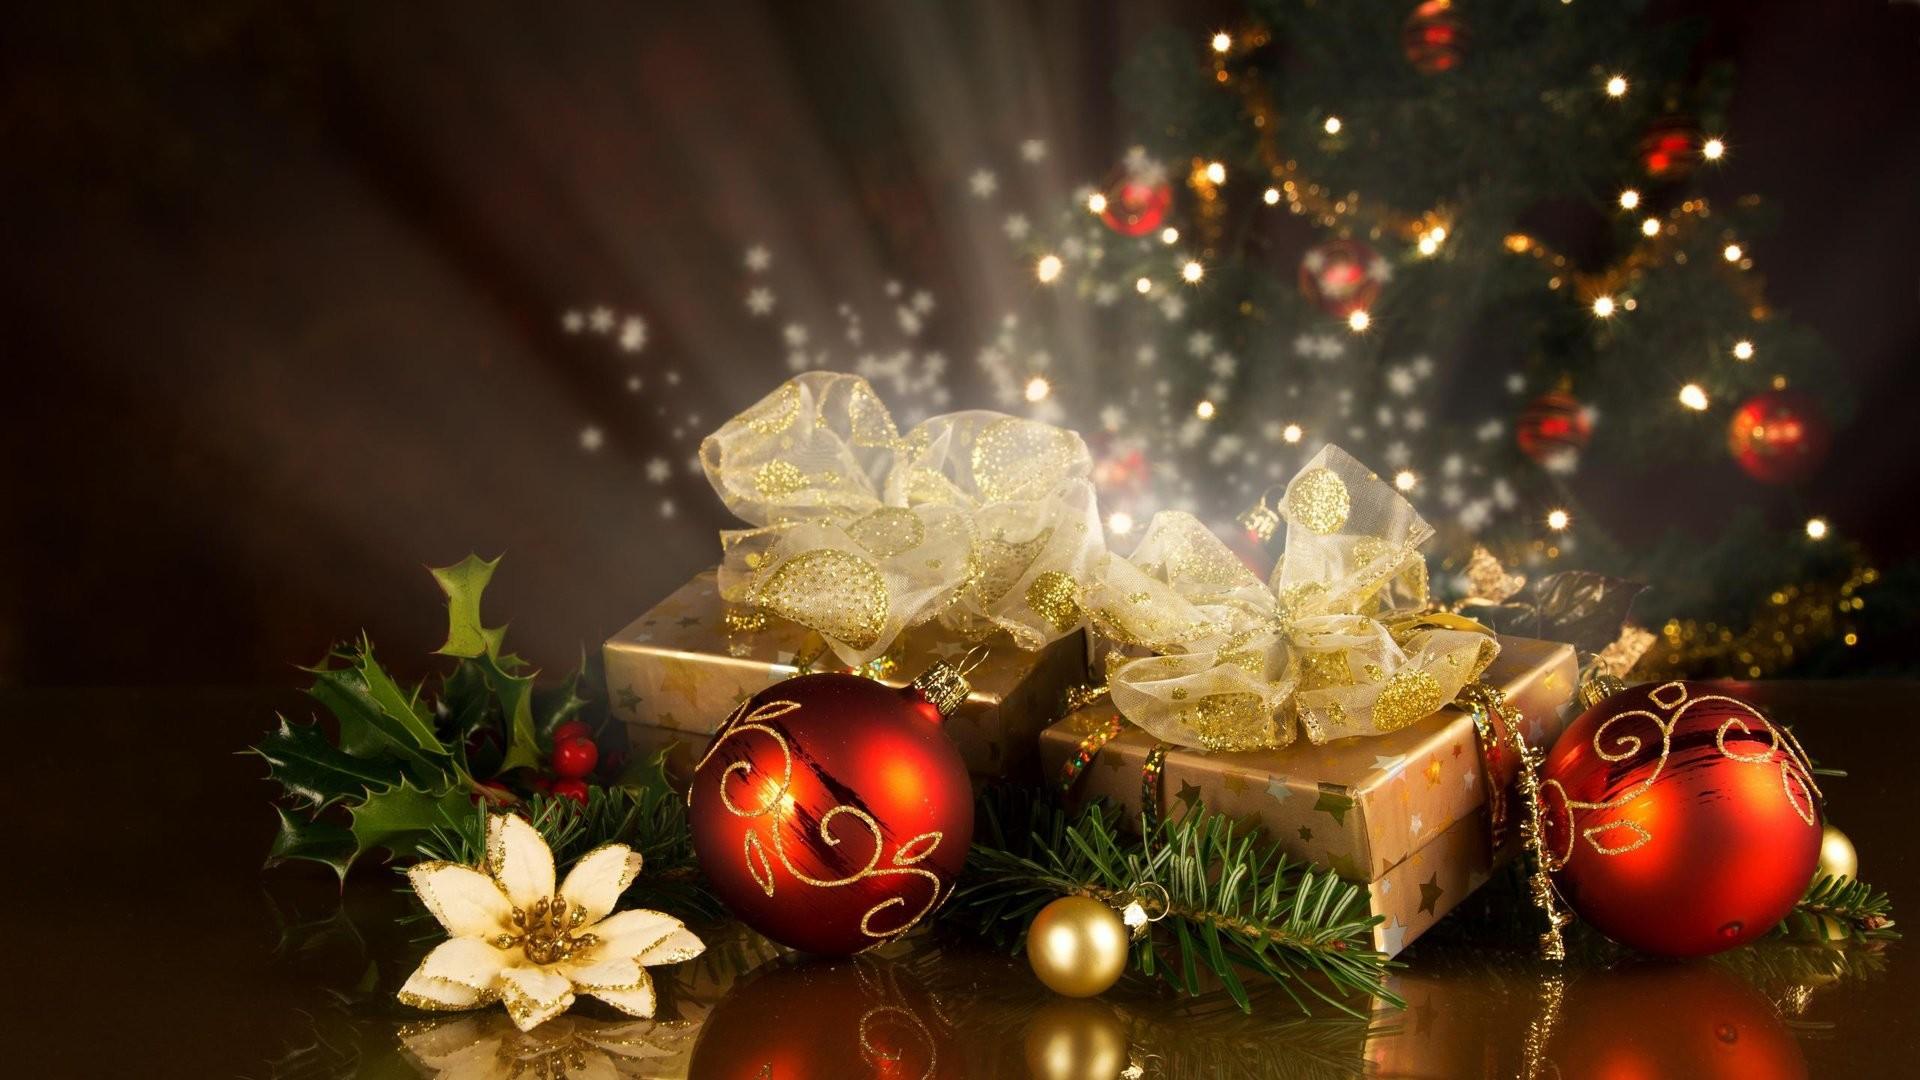 Magic Christmas Wallpaper Christmas Holidays (63 Wallpapers)